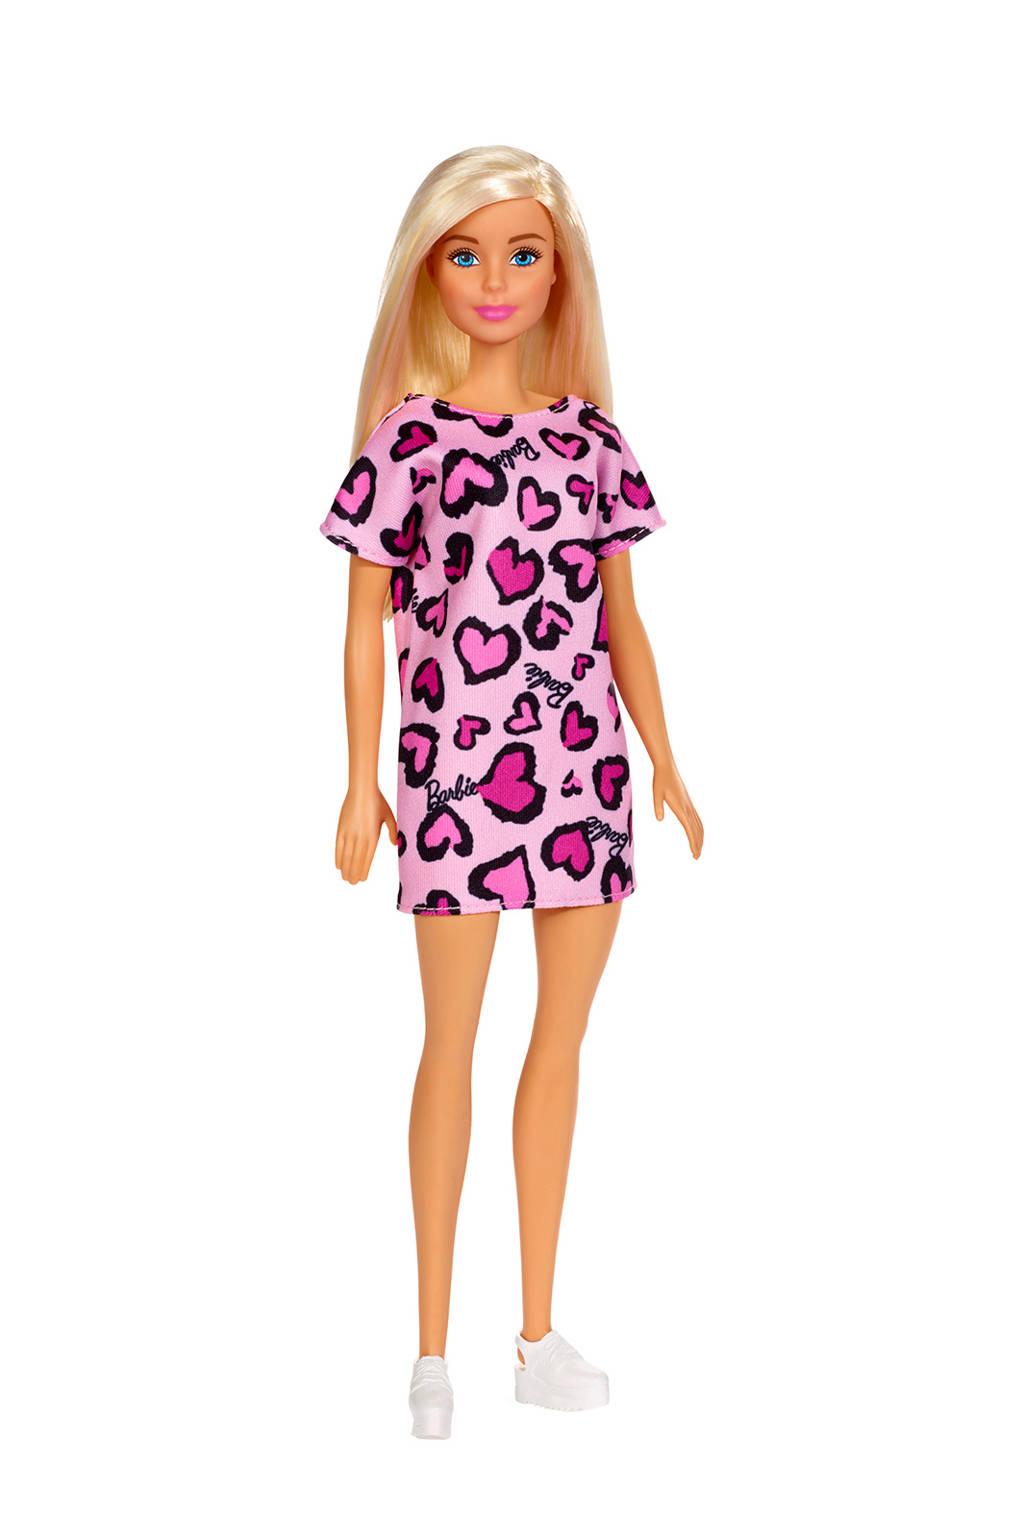 Barbie met klassieke outfit roze jurk